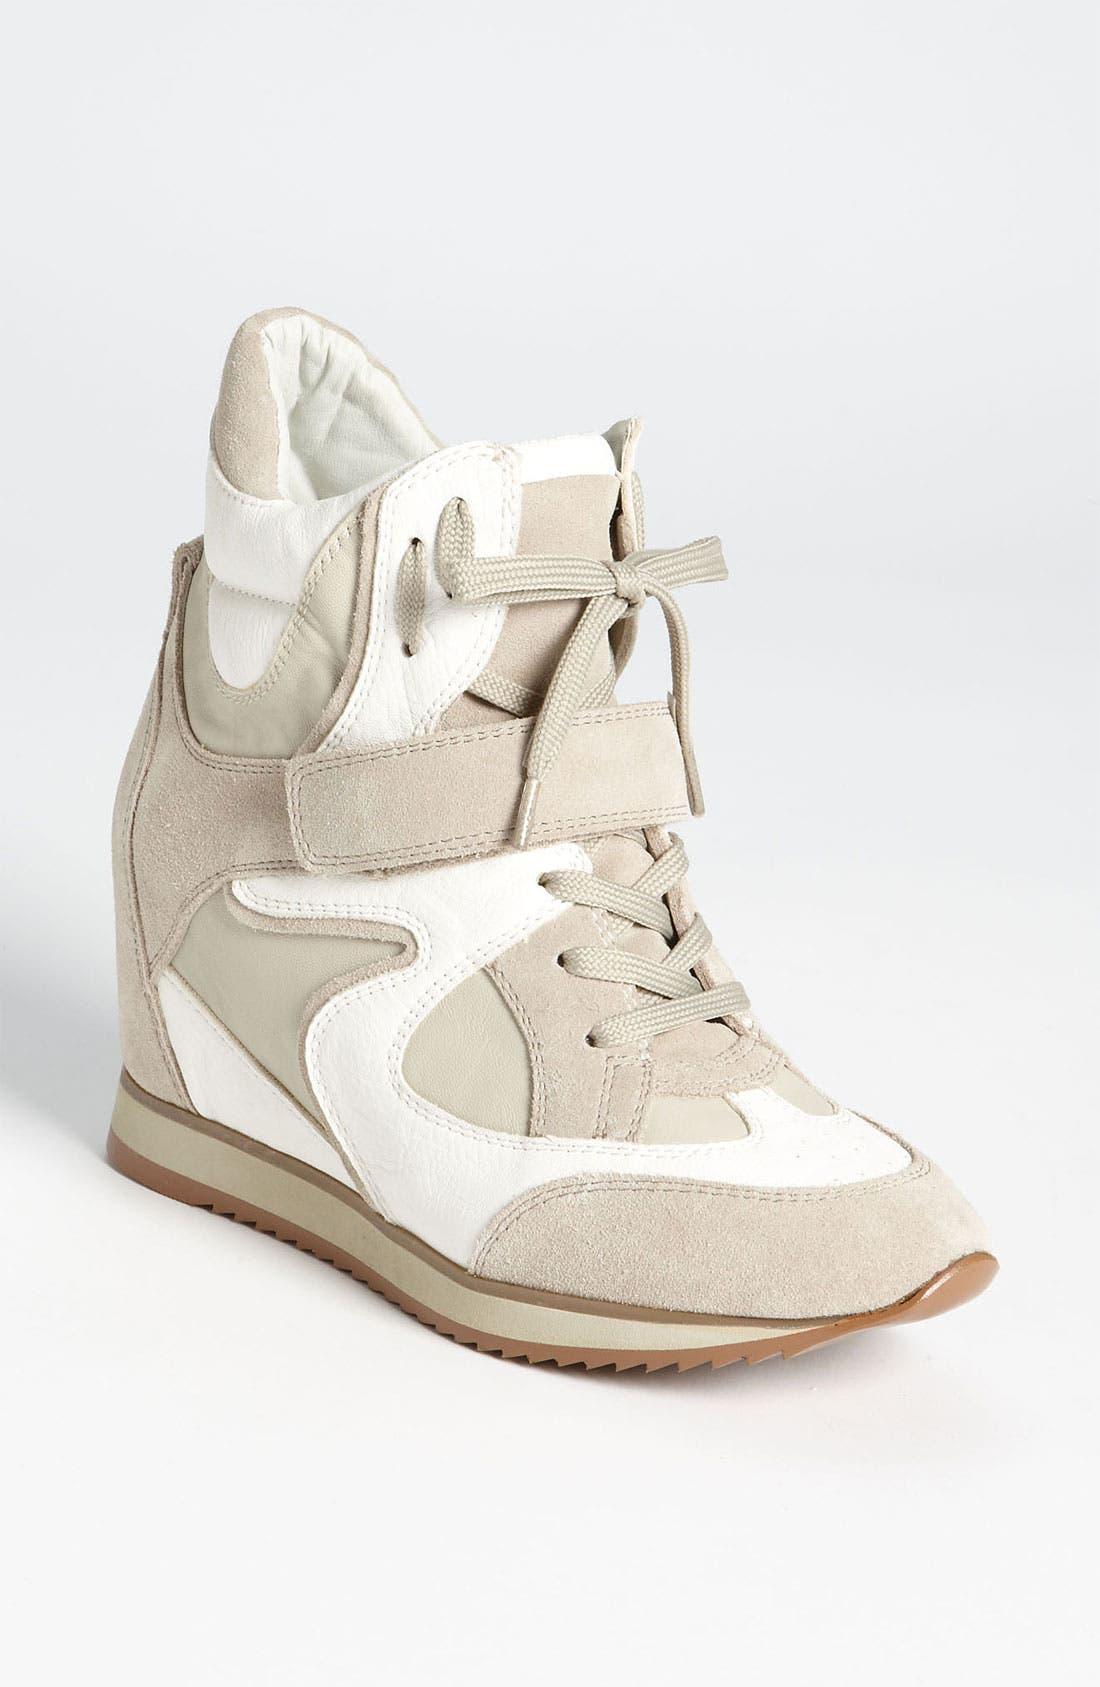 Alternate Image 1 Selected - REPORT 'Tao' Wedge Sneaker